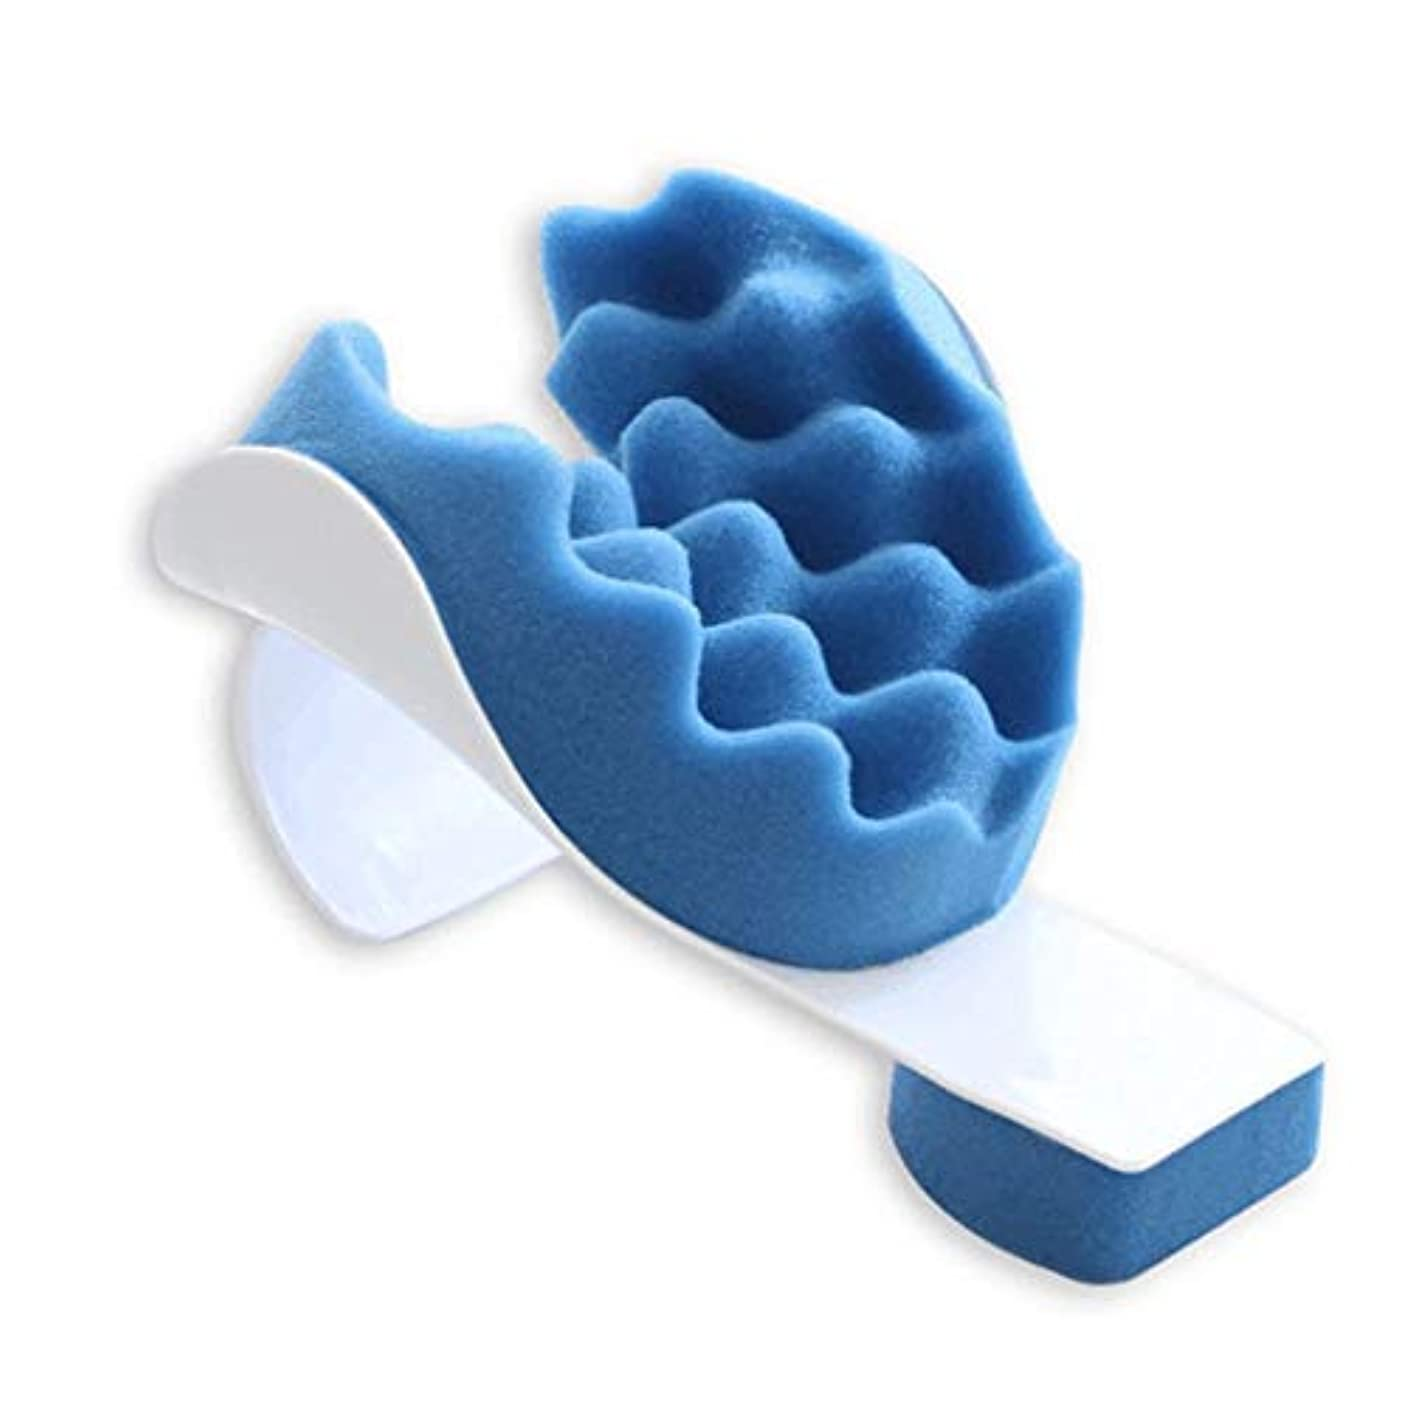 最後の監査ボスEsolom マッサージ枕 首と肩のリラクゼーション 首の痛みの緩和 サポート肩リラクゼーションマッサージ牽引枕 ポータブル 頭と首のマッサージ枕